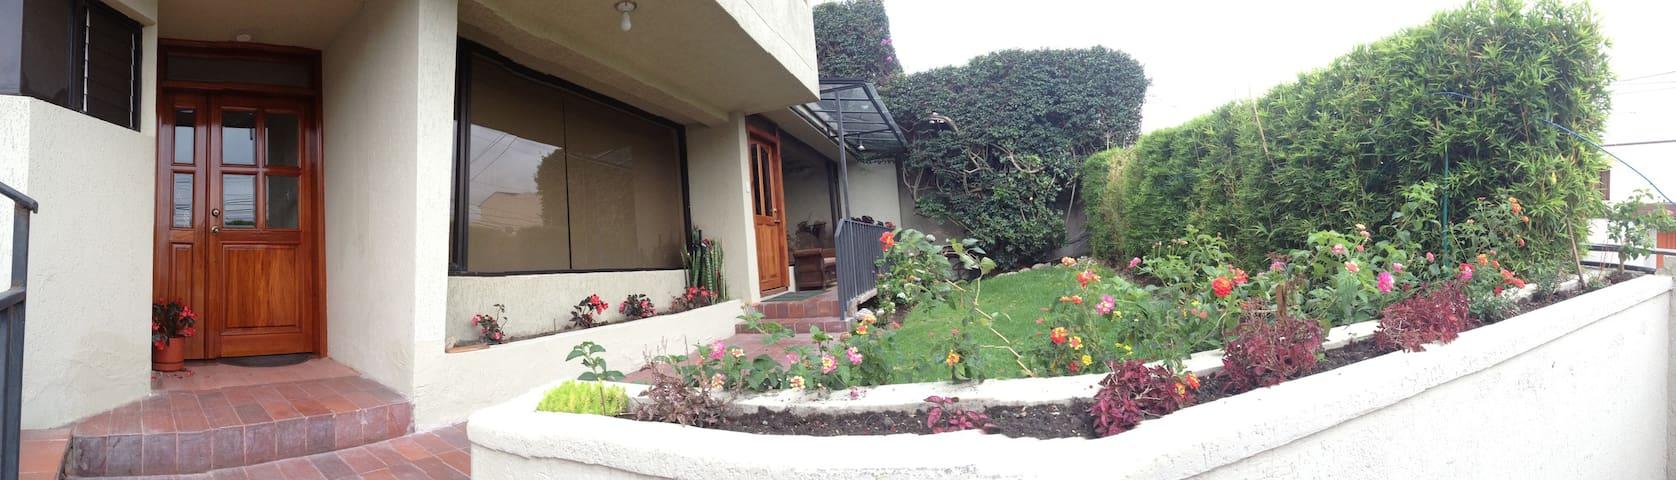 Zona exclusiva a 10 min. de sector comercial Quito - Quito - Condo